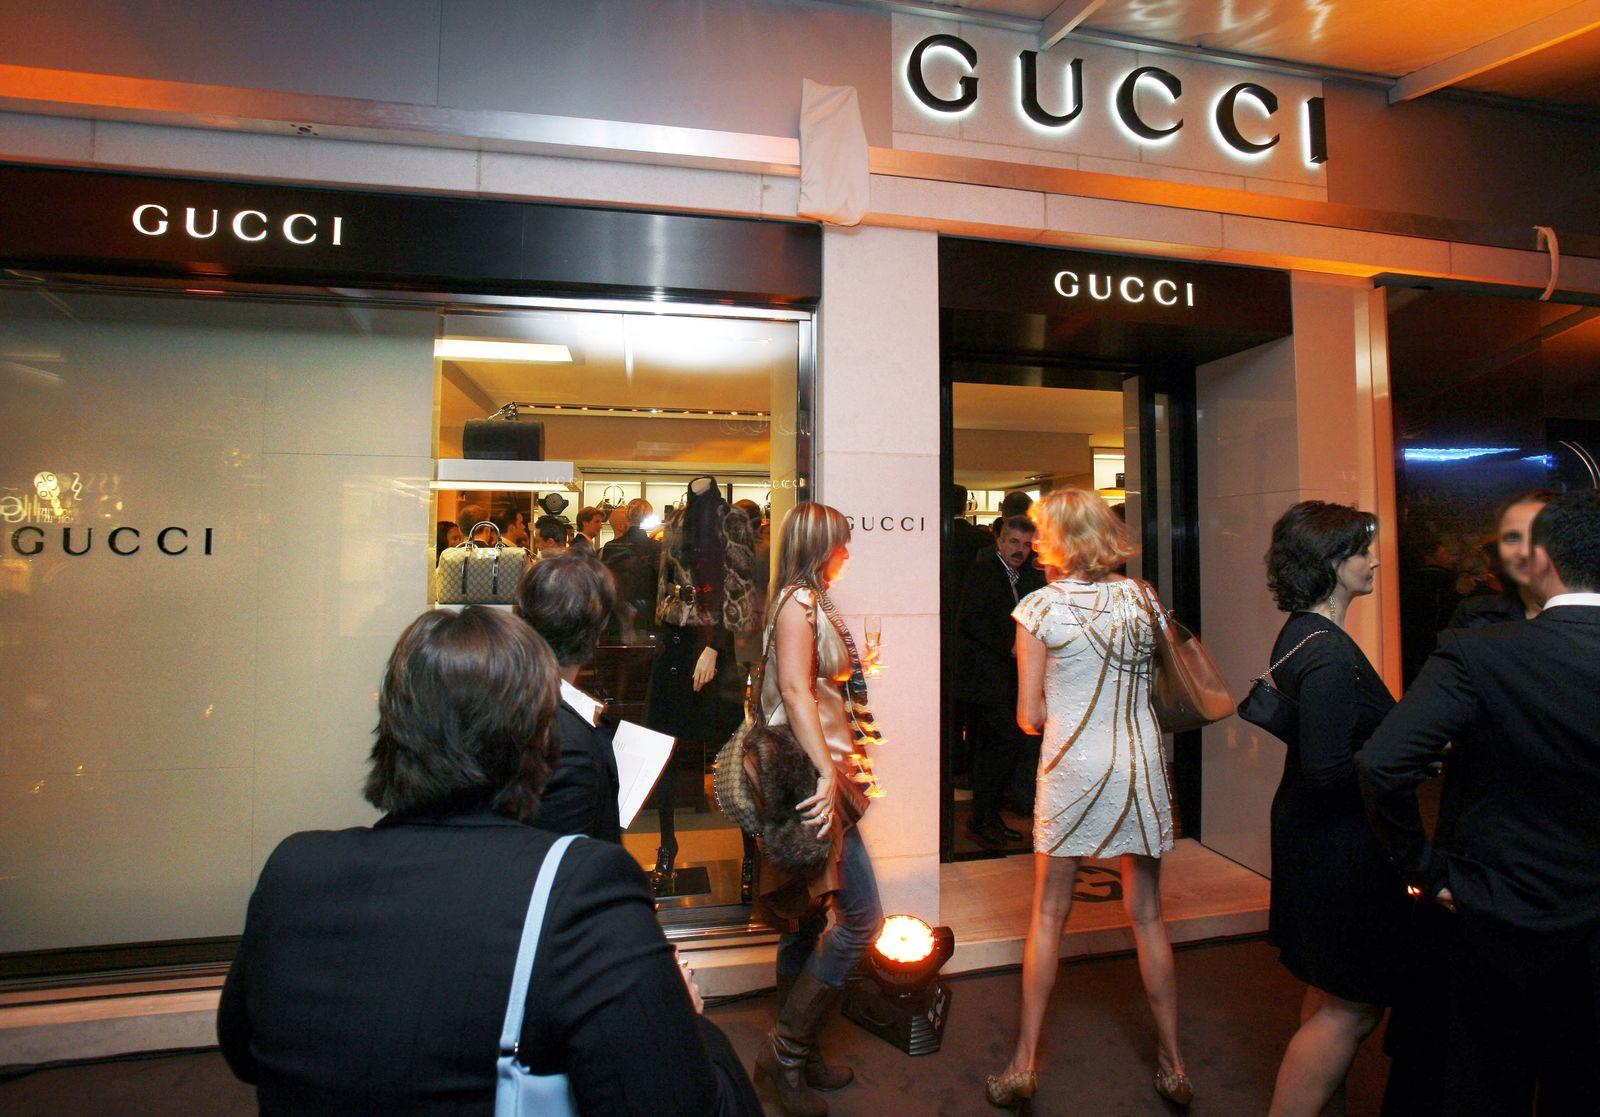 Reiche / Reich / Reichtum / Geld / Vermögen / Luxus / Superreiche / Armut / Gucci